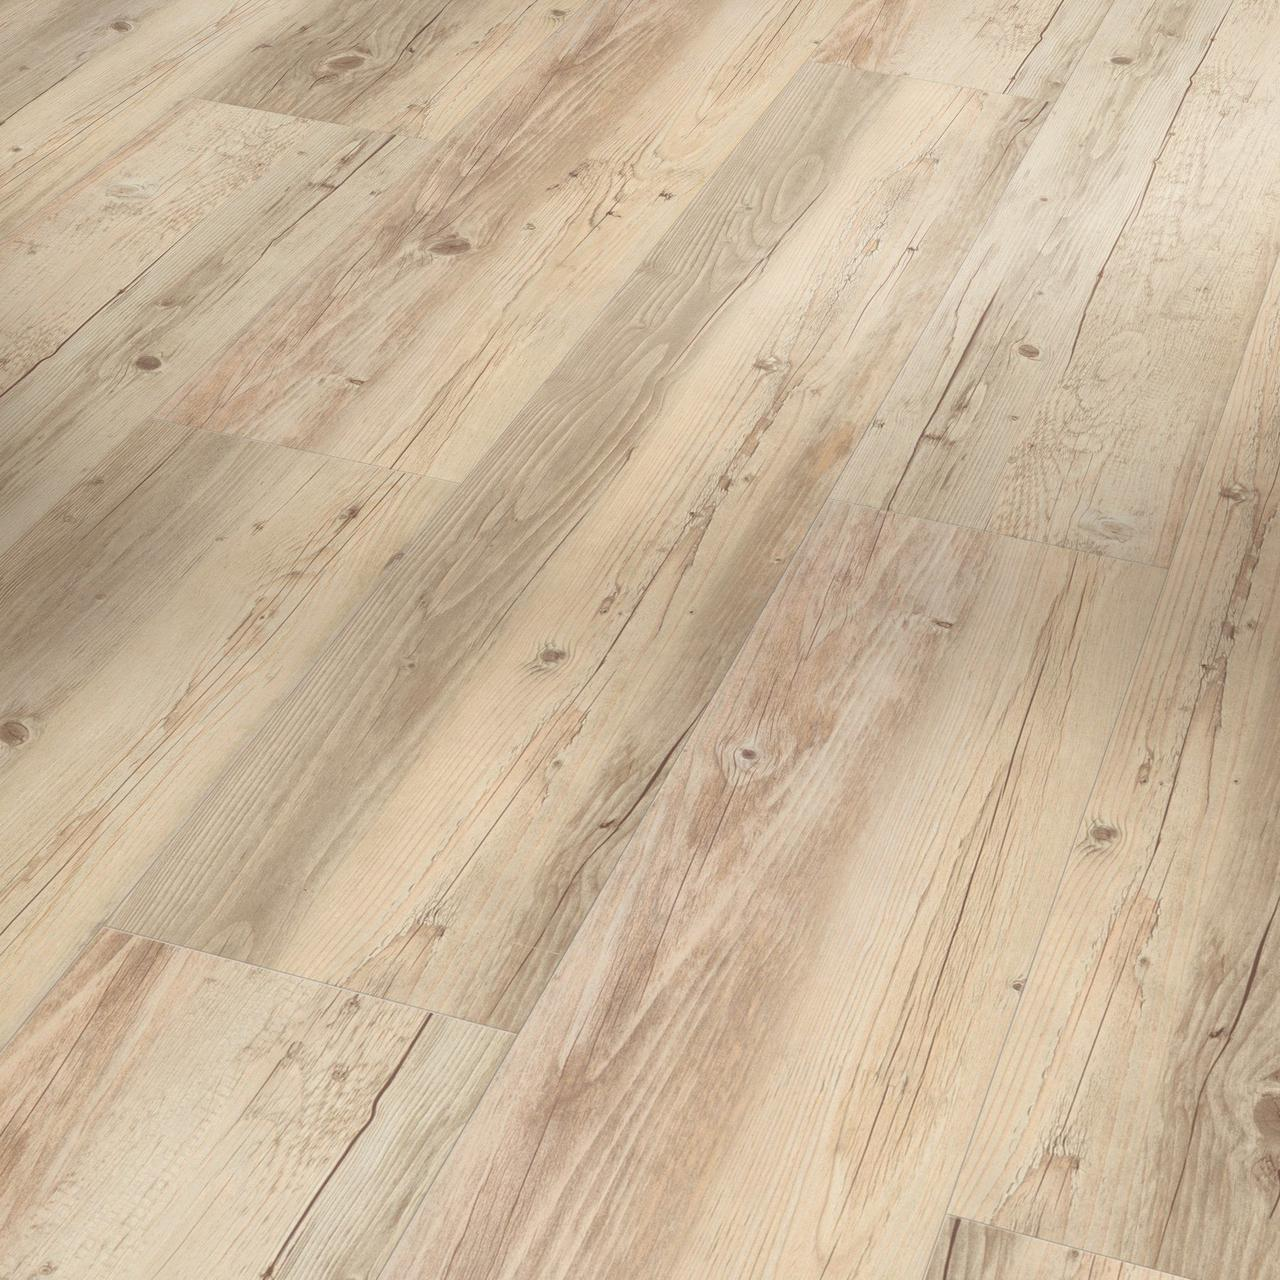 Вінілові покриття Parador Дуб мэмори пісочний браш (Oak Memory sanded brushed texture)